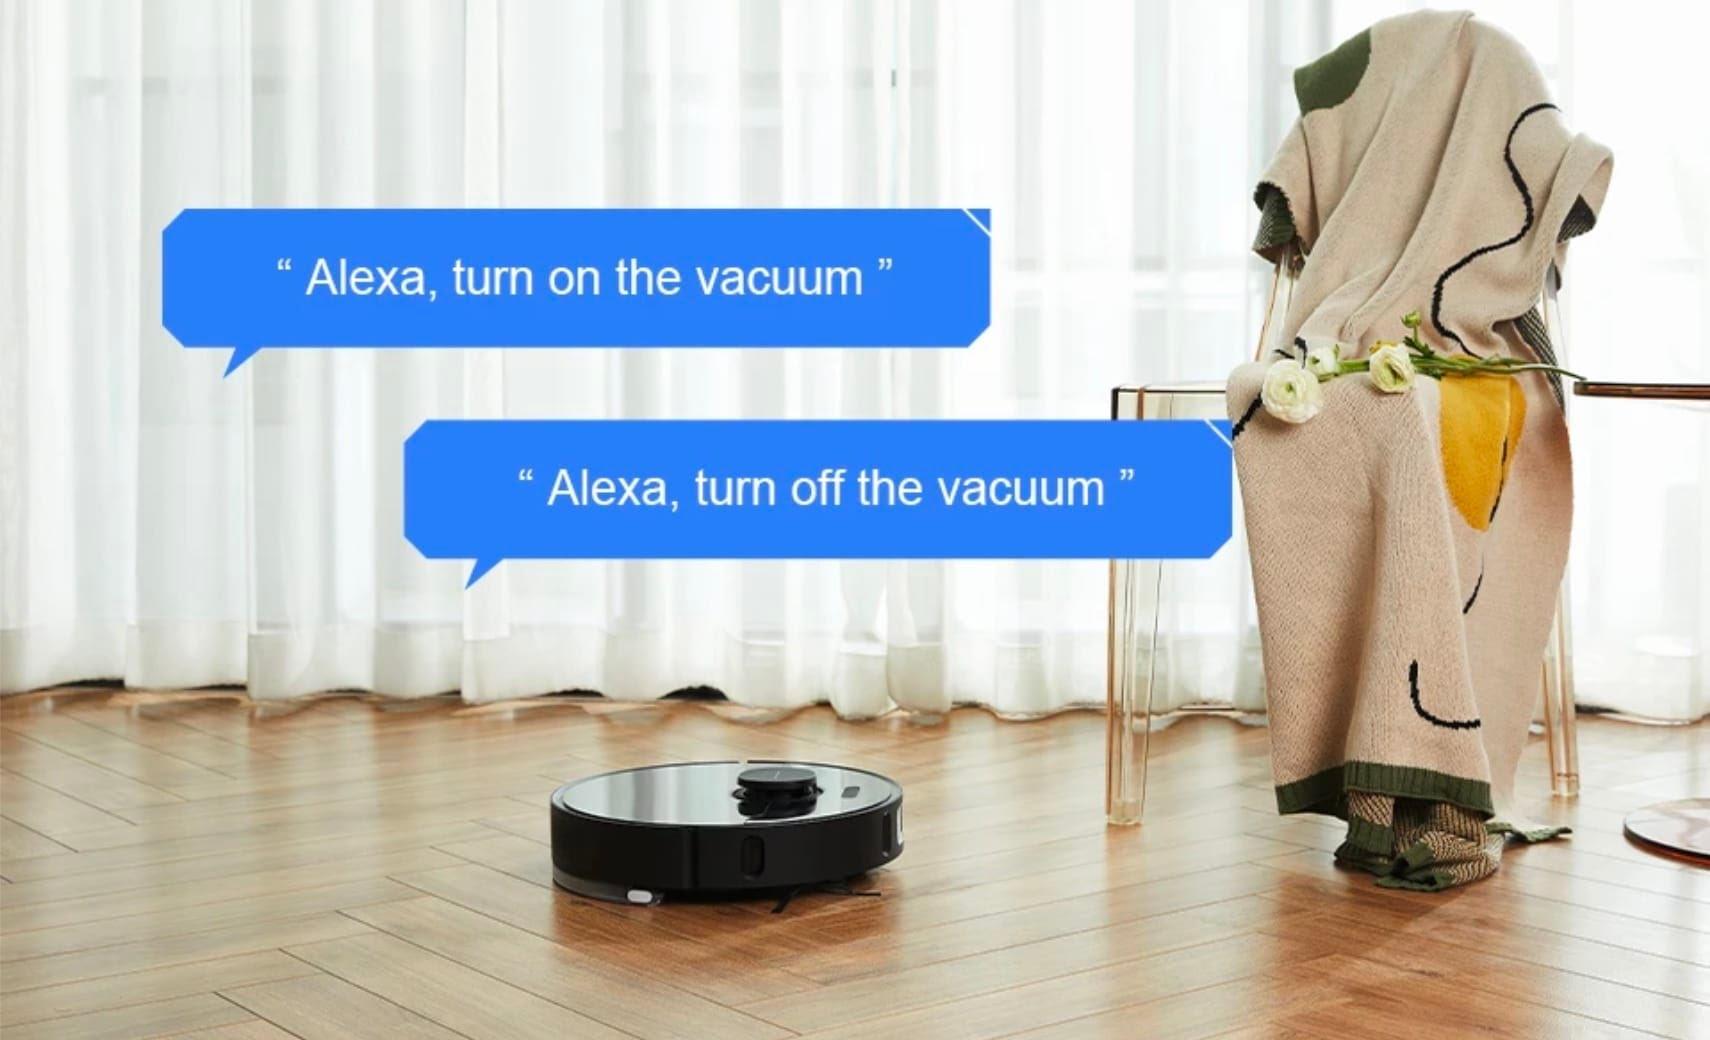 Aspirateur Robot Dreame Bot L10 Pro Alexa